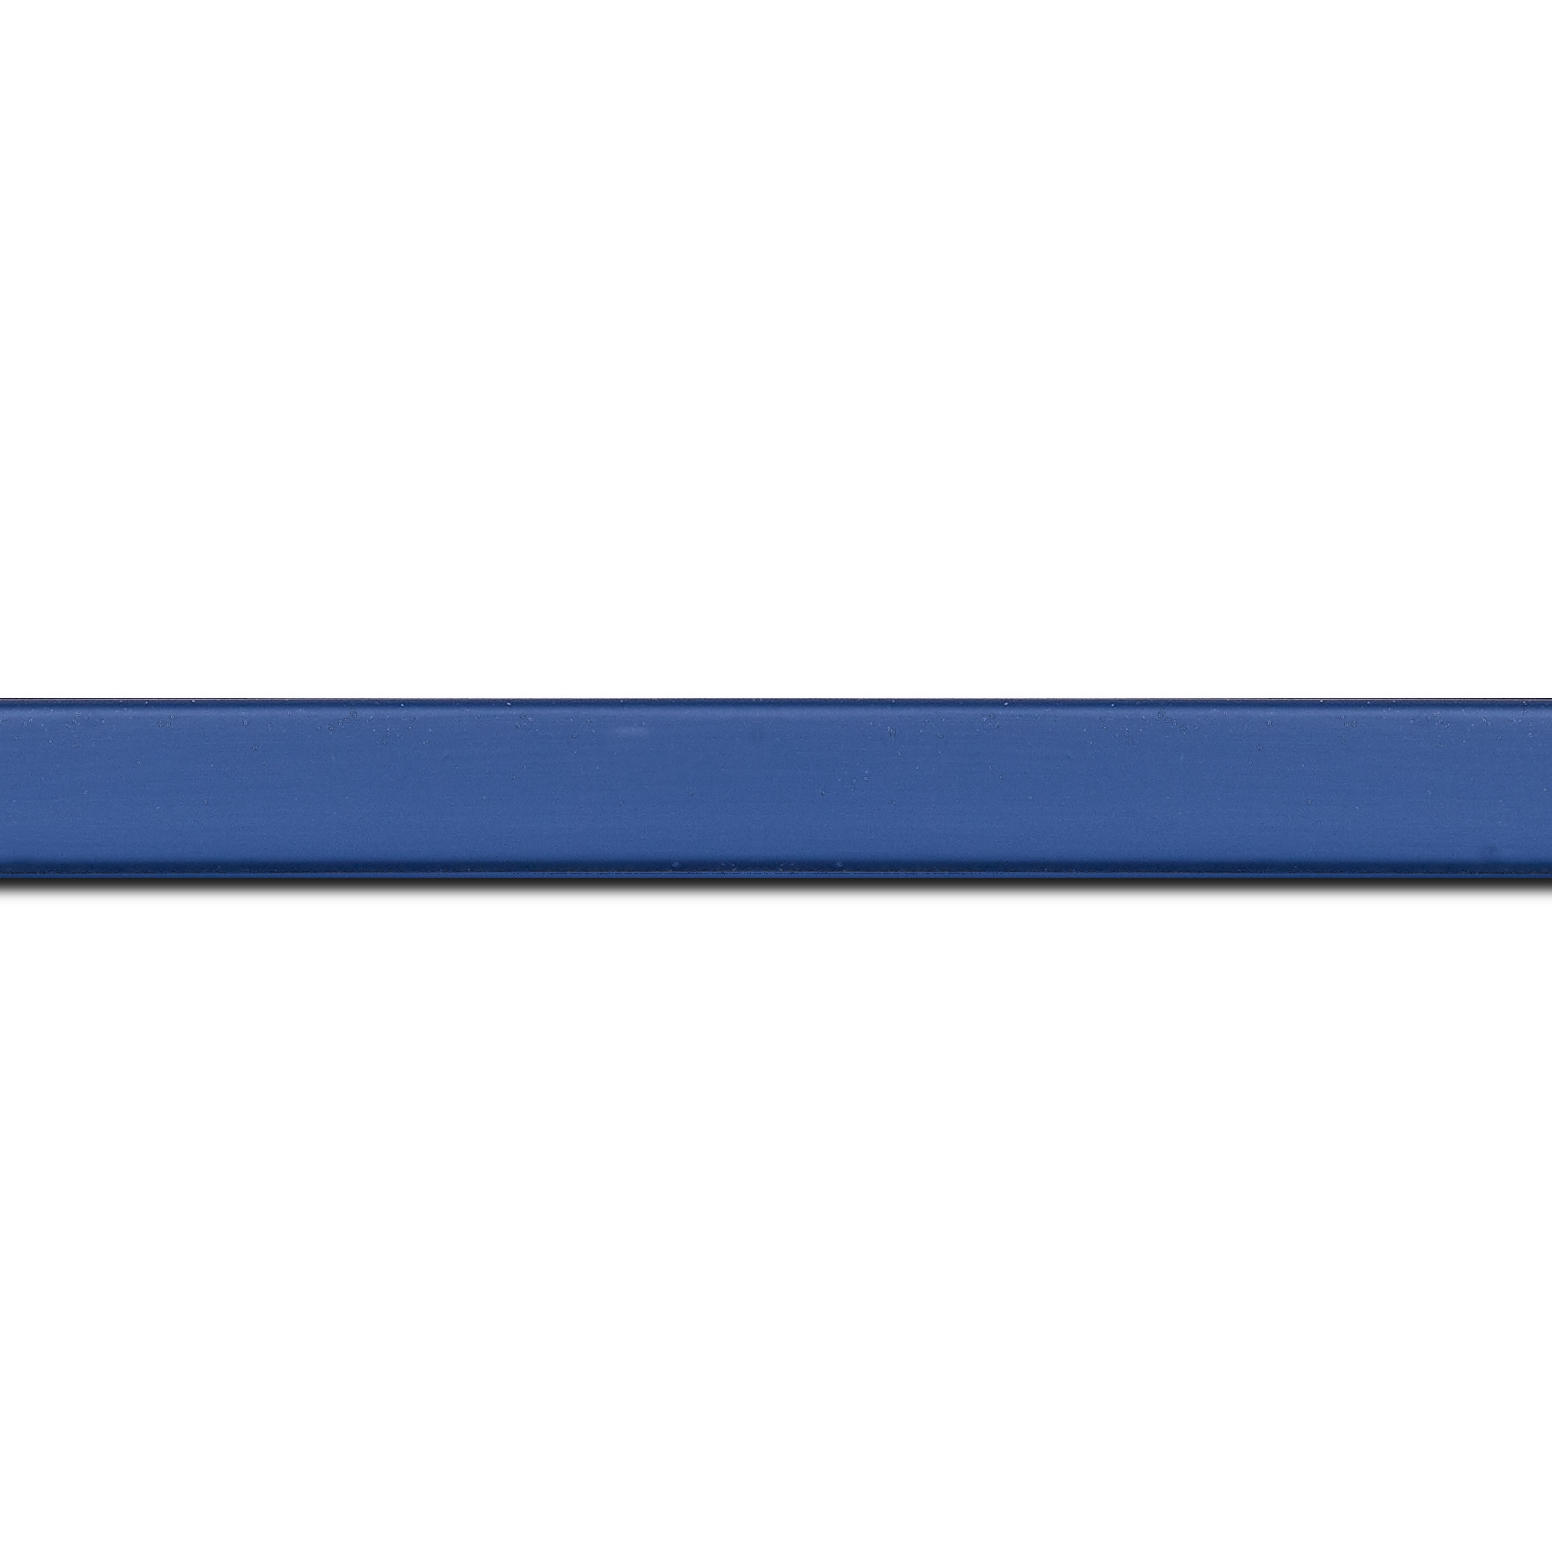 Pack par 12m, bois profil plat effet cube largeur 1.7cm couleur bleu grec satiné (longueur baguette pouvant varier entre 2.40m et 3m selon arrivage des bois)